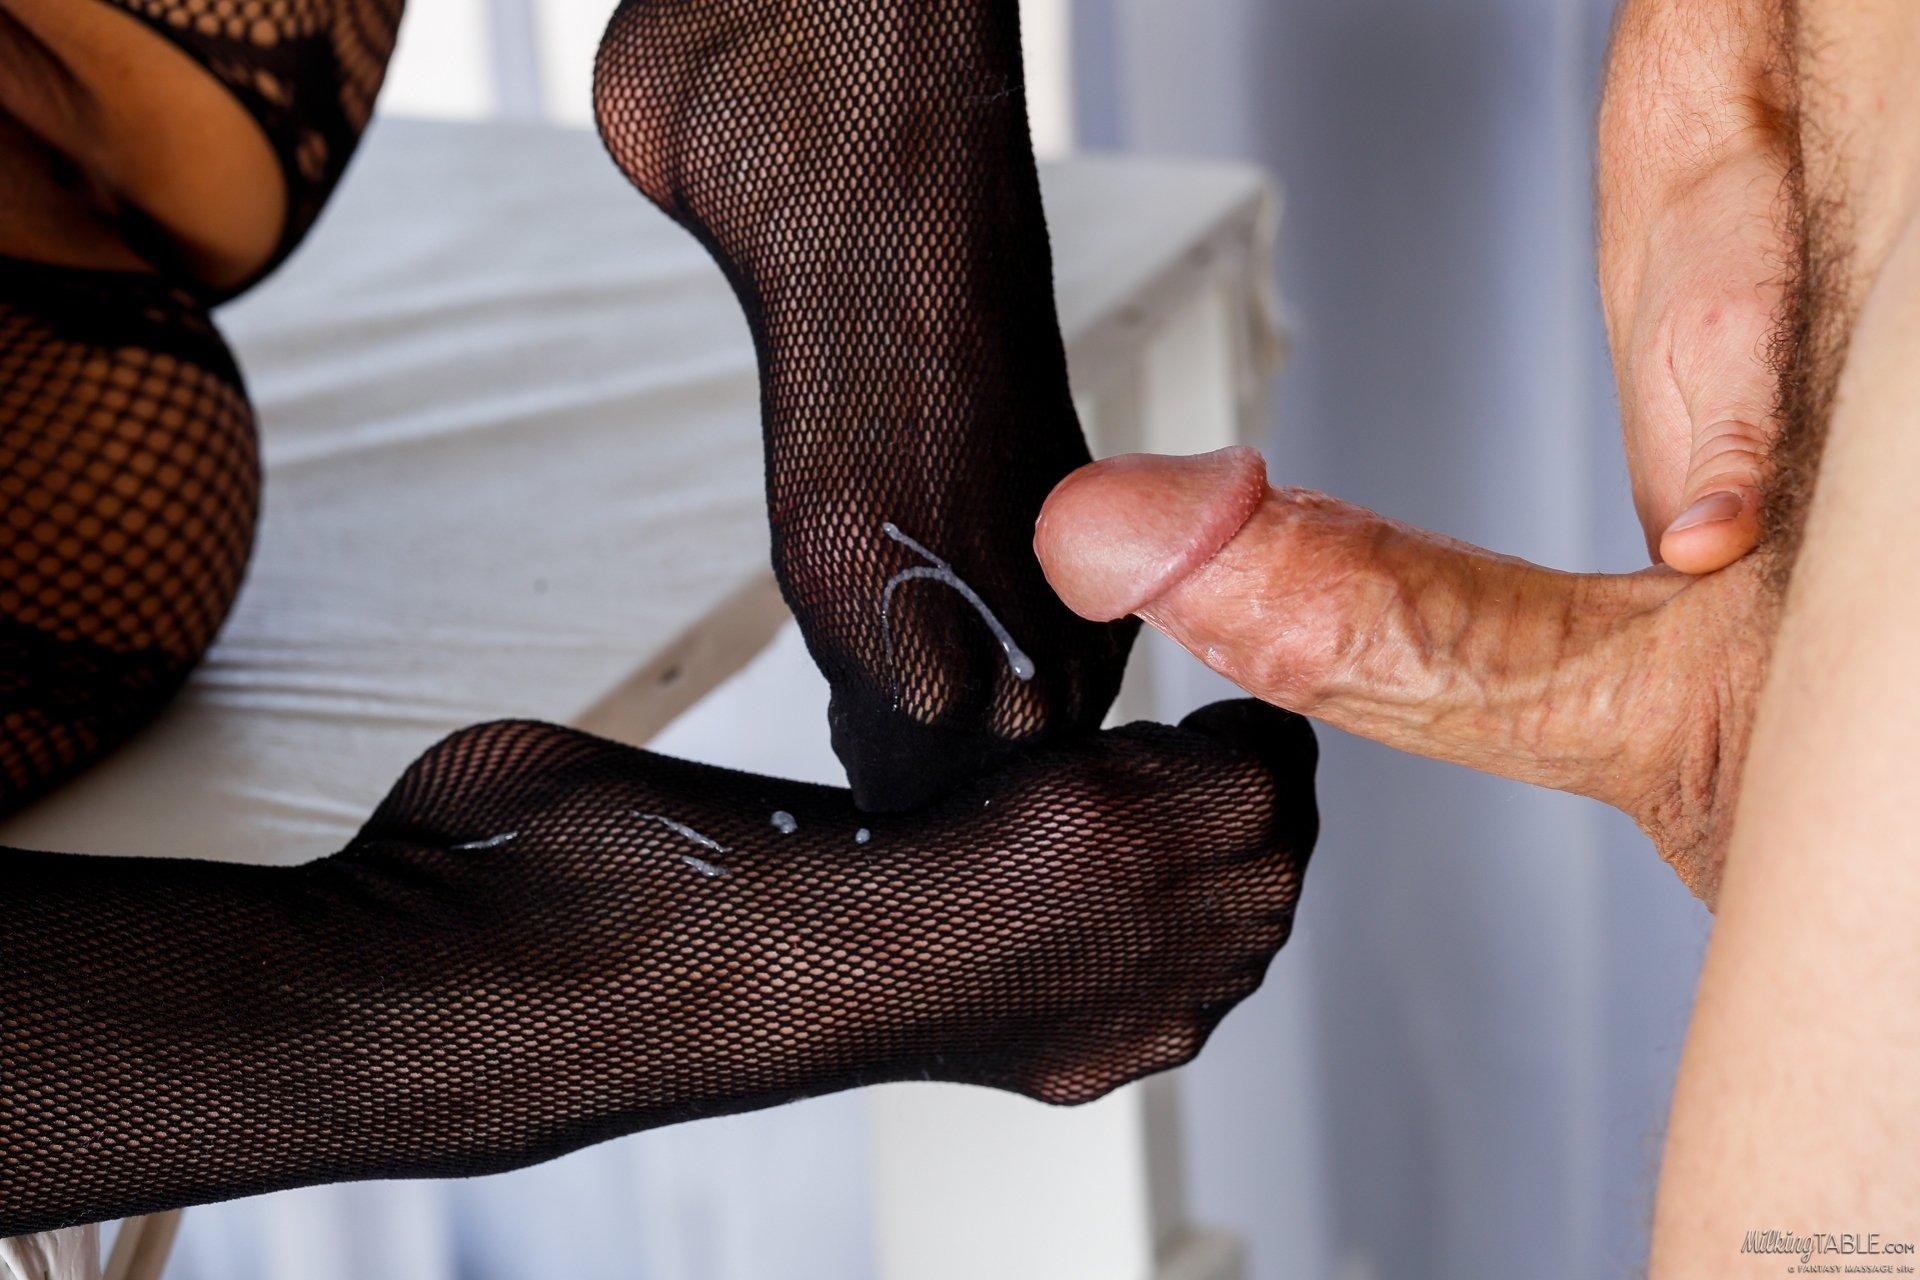 В нижнем белье - Порно фото галерея 1060831